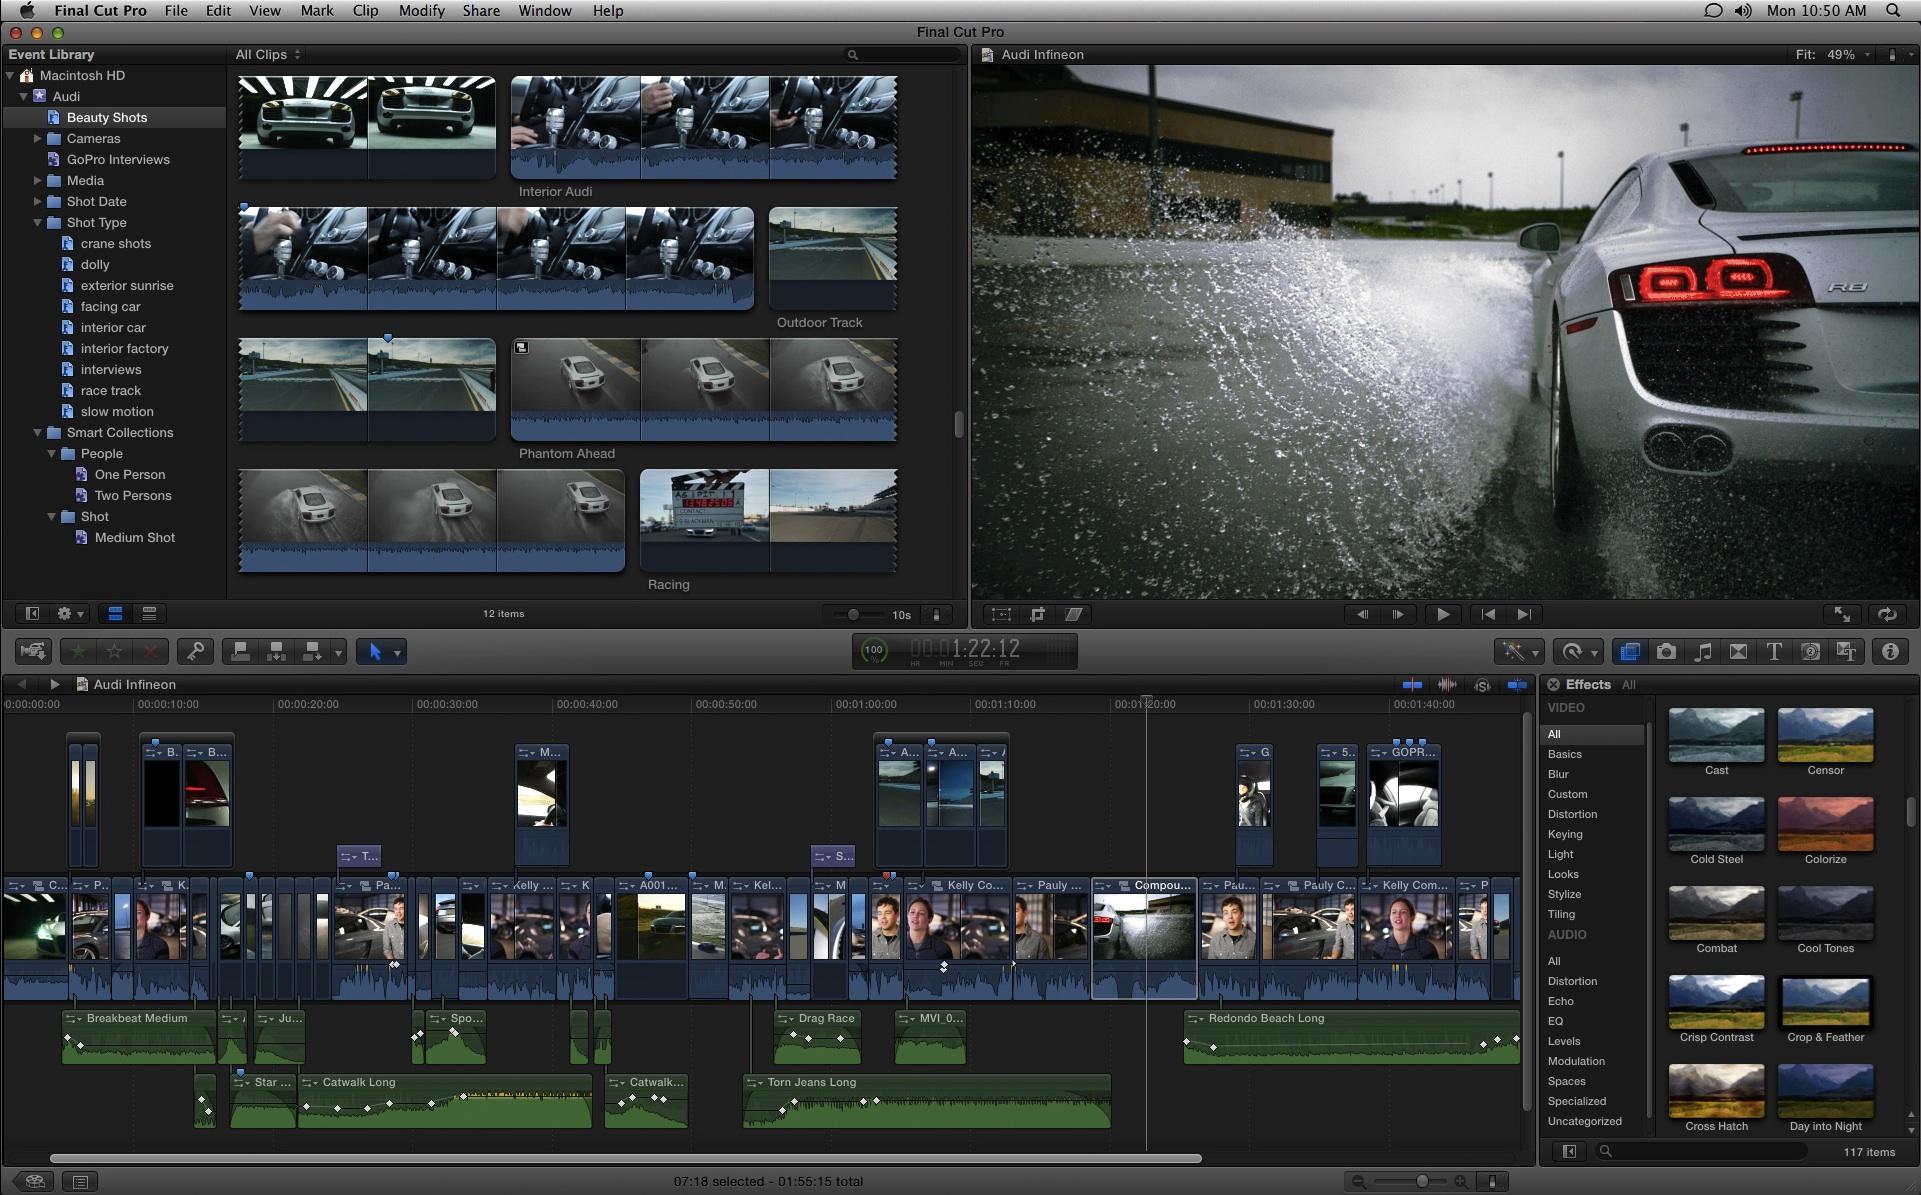 Final Cut Pro X】iMovieとの違い ~テキスト入力篇~